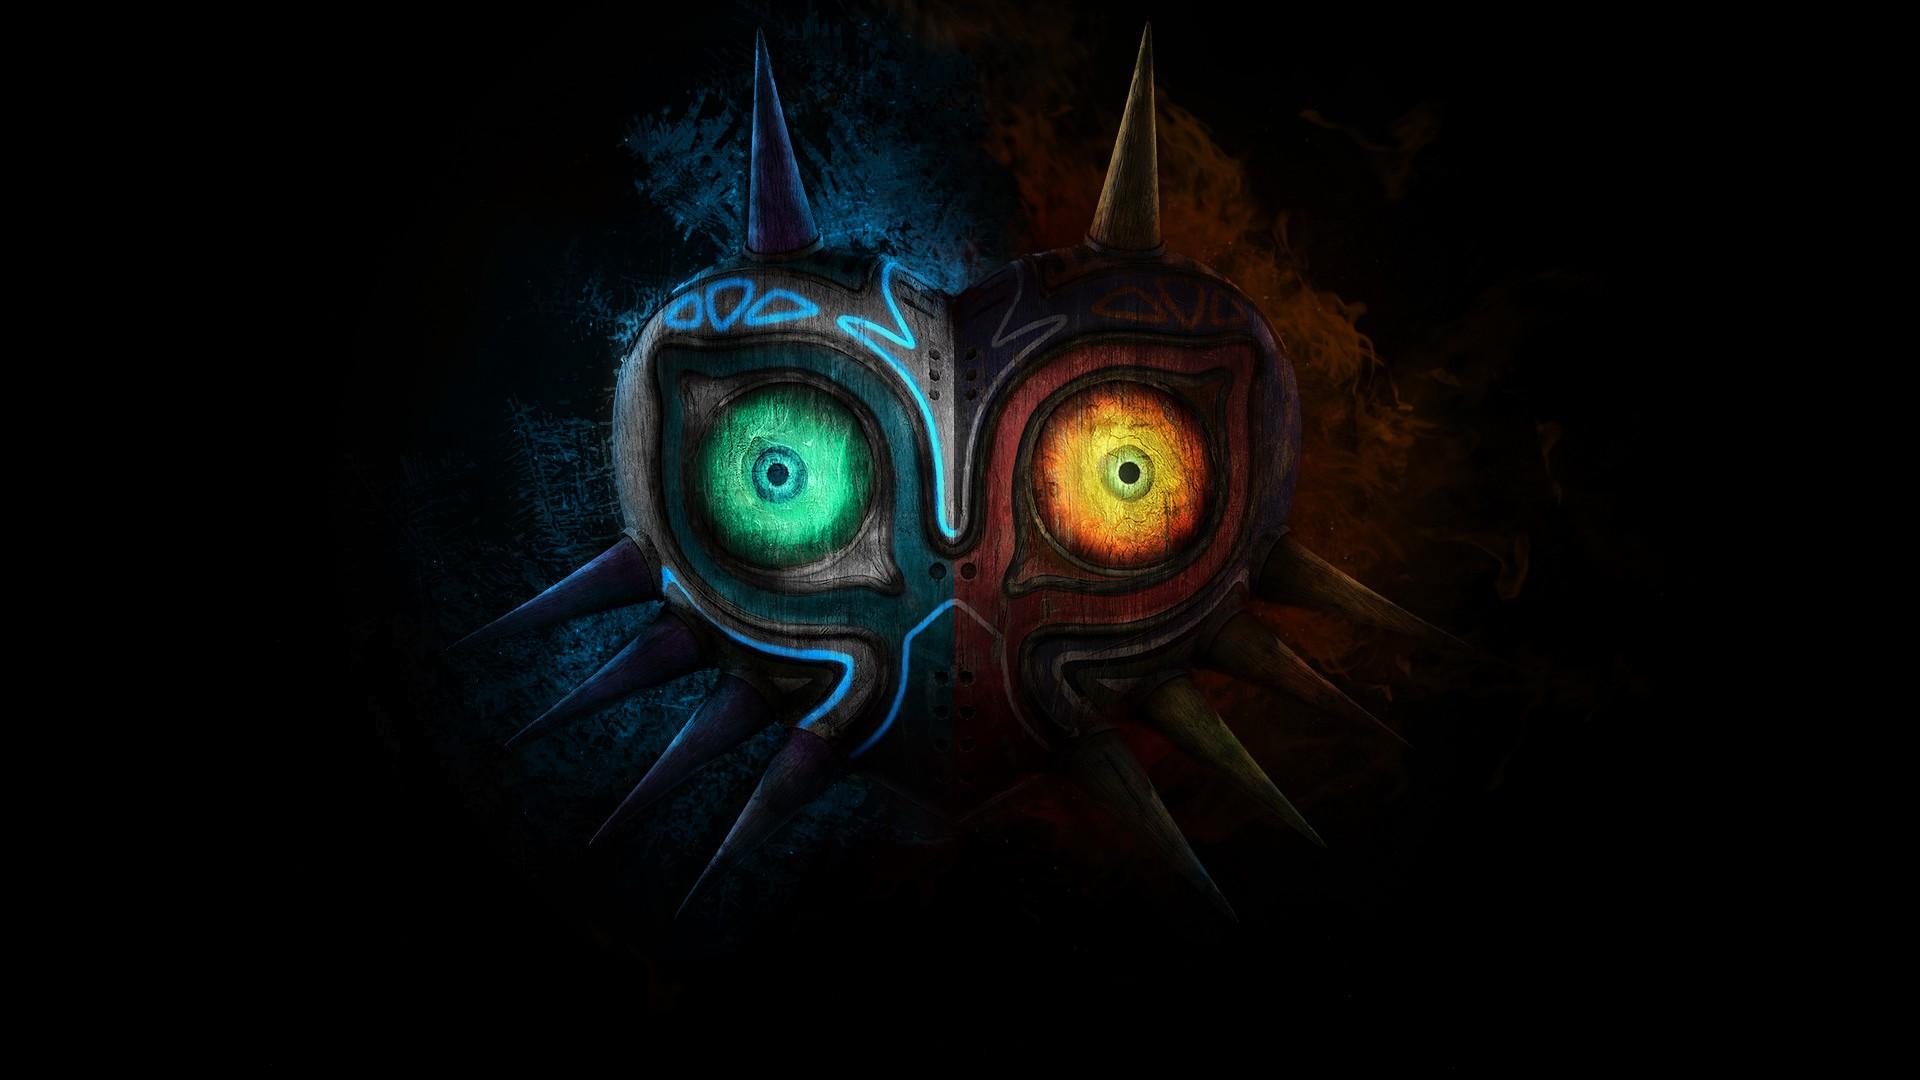 The Legend Of Zelda Majoras Mask Computer Wallpapers Desktop 1920x1080